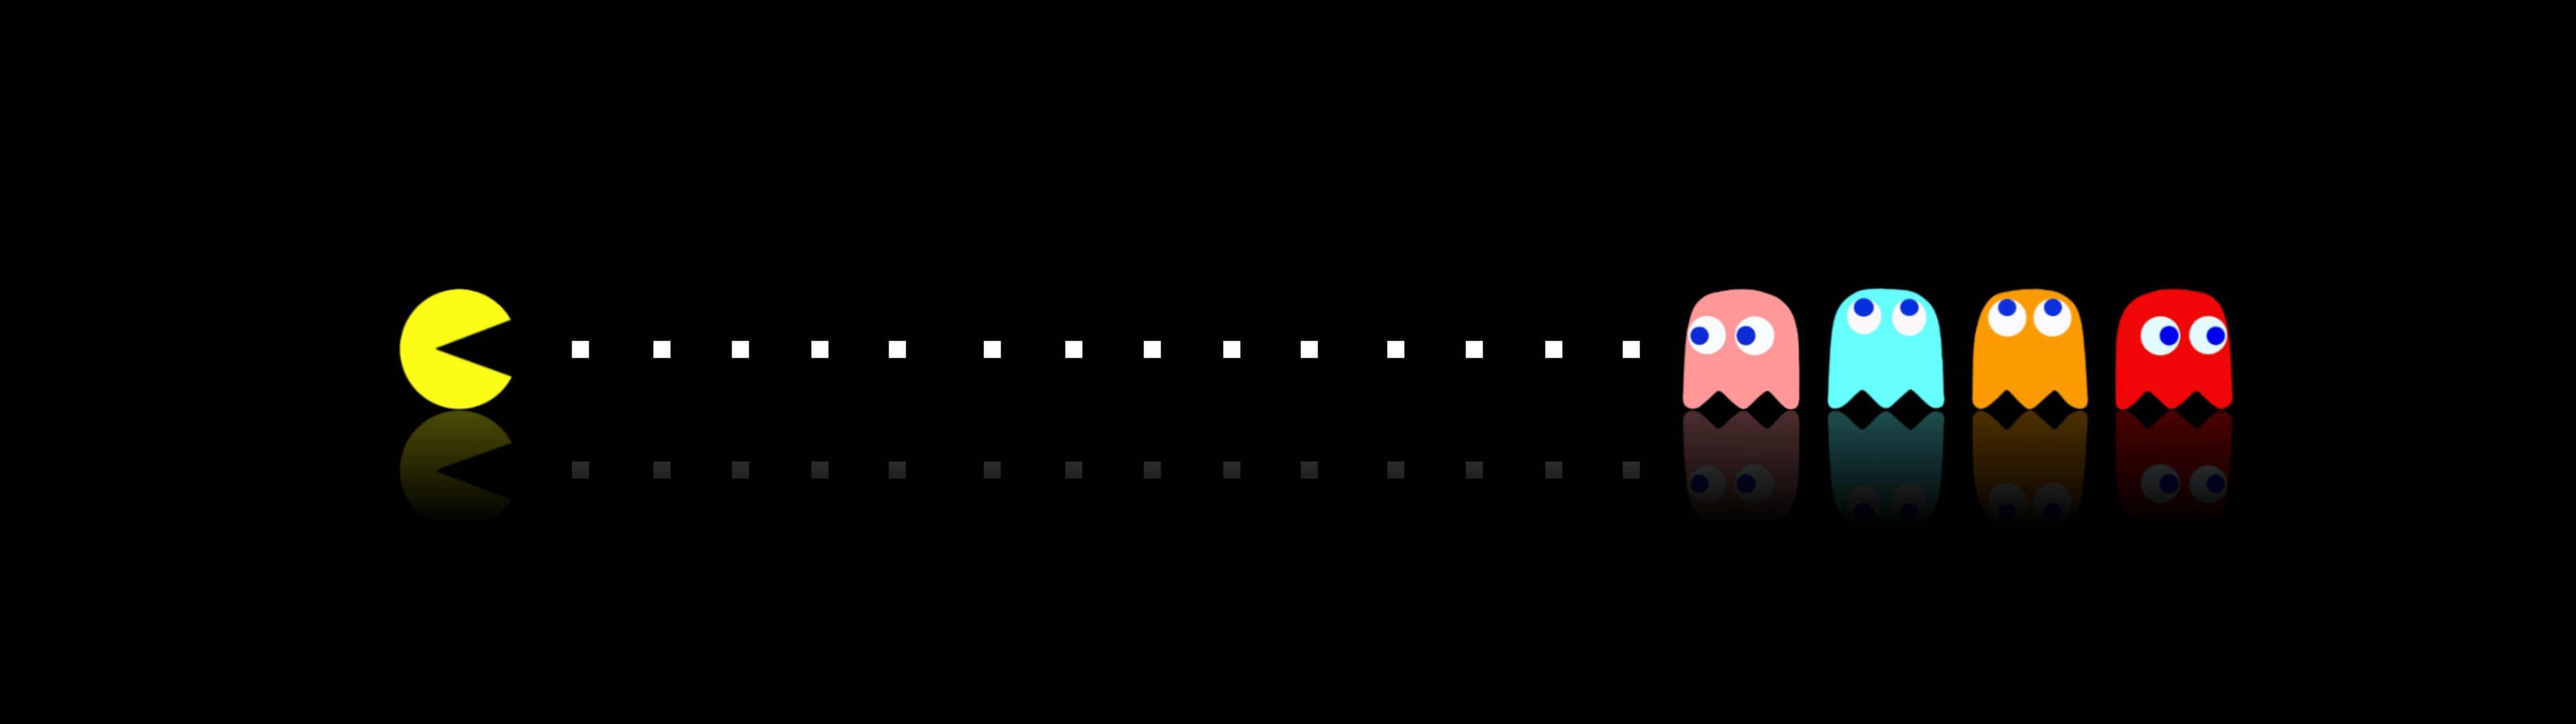 Создание обоев для двух и более дисплеев PC / Хабр - Habrahabr 82